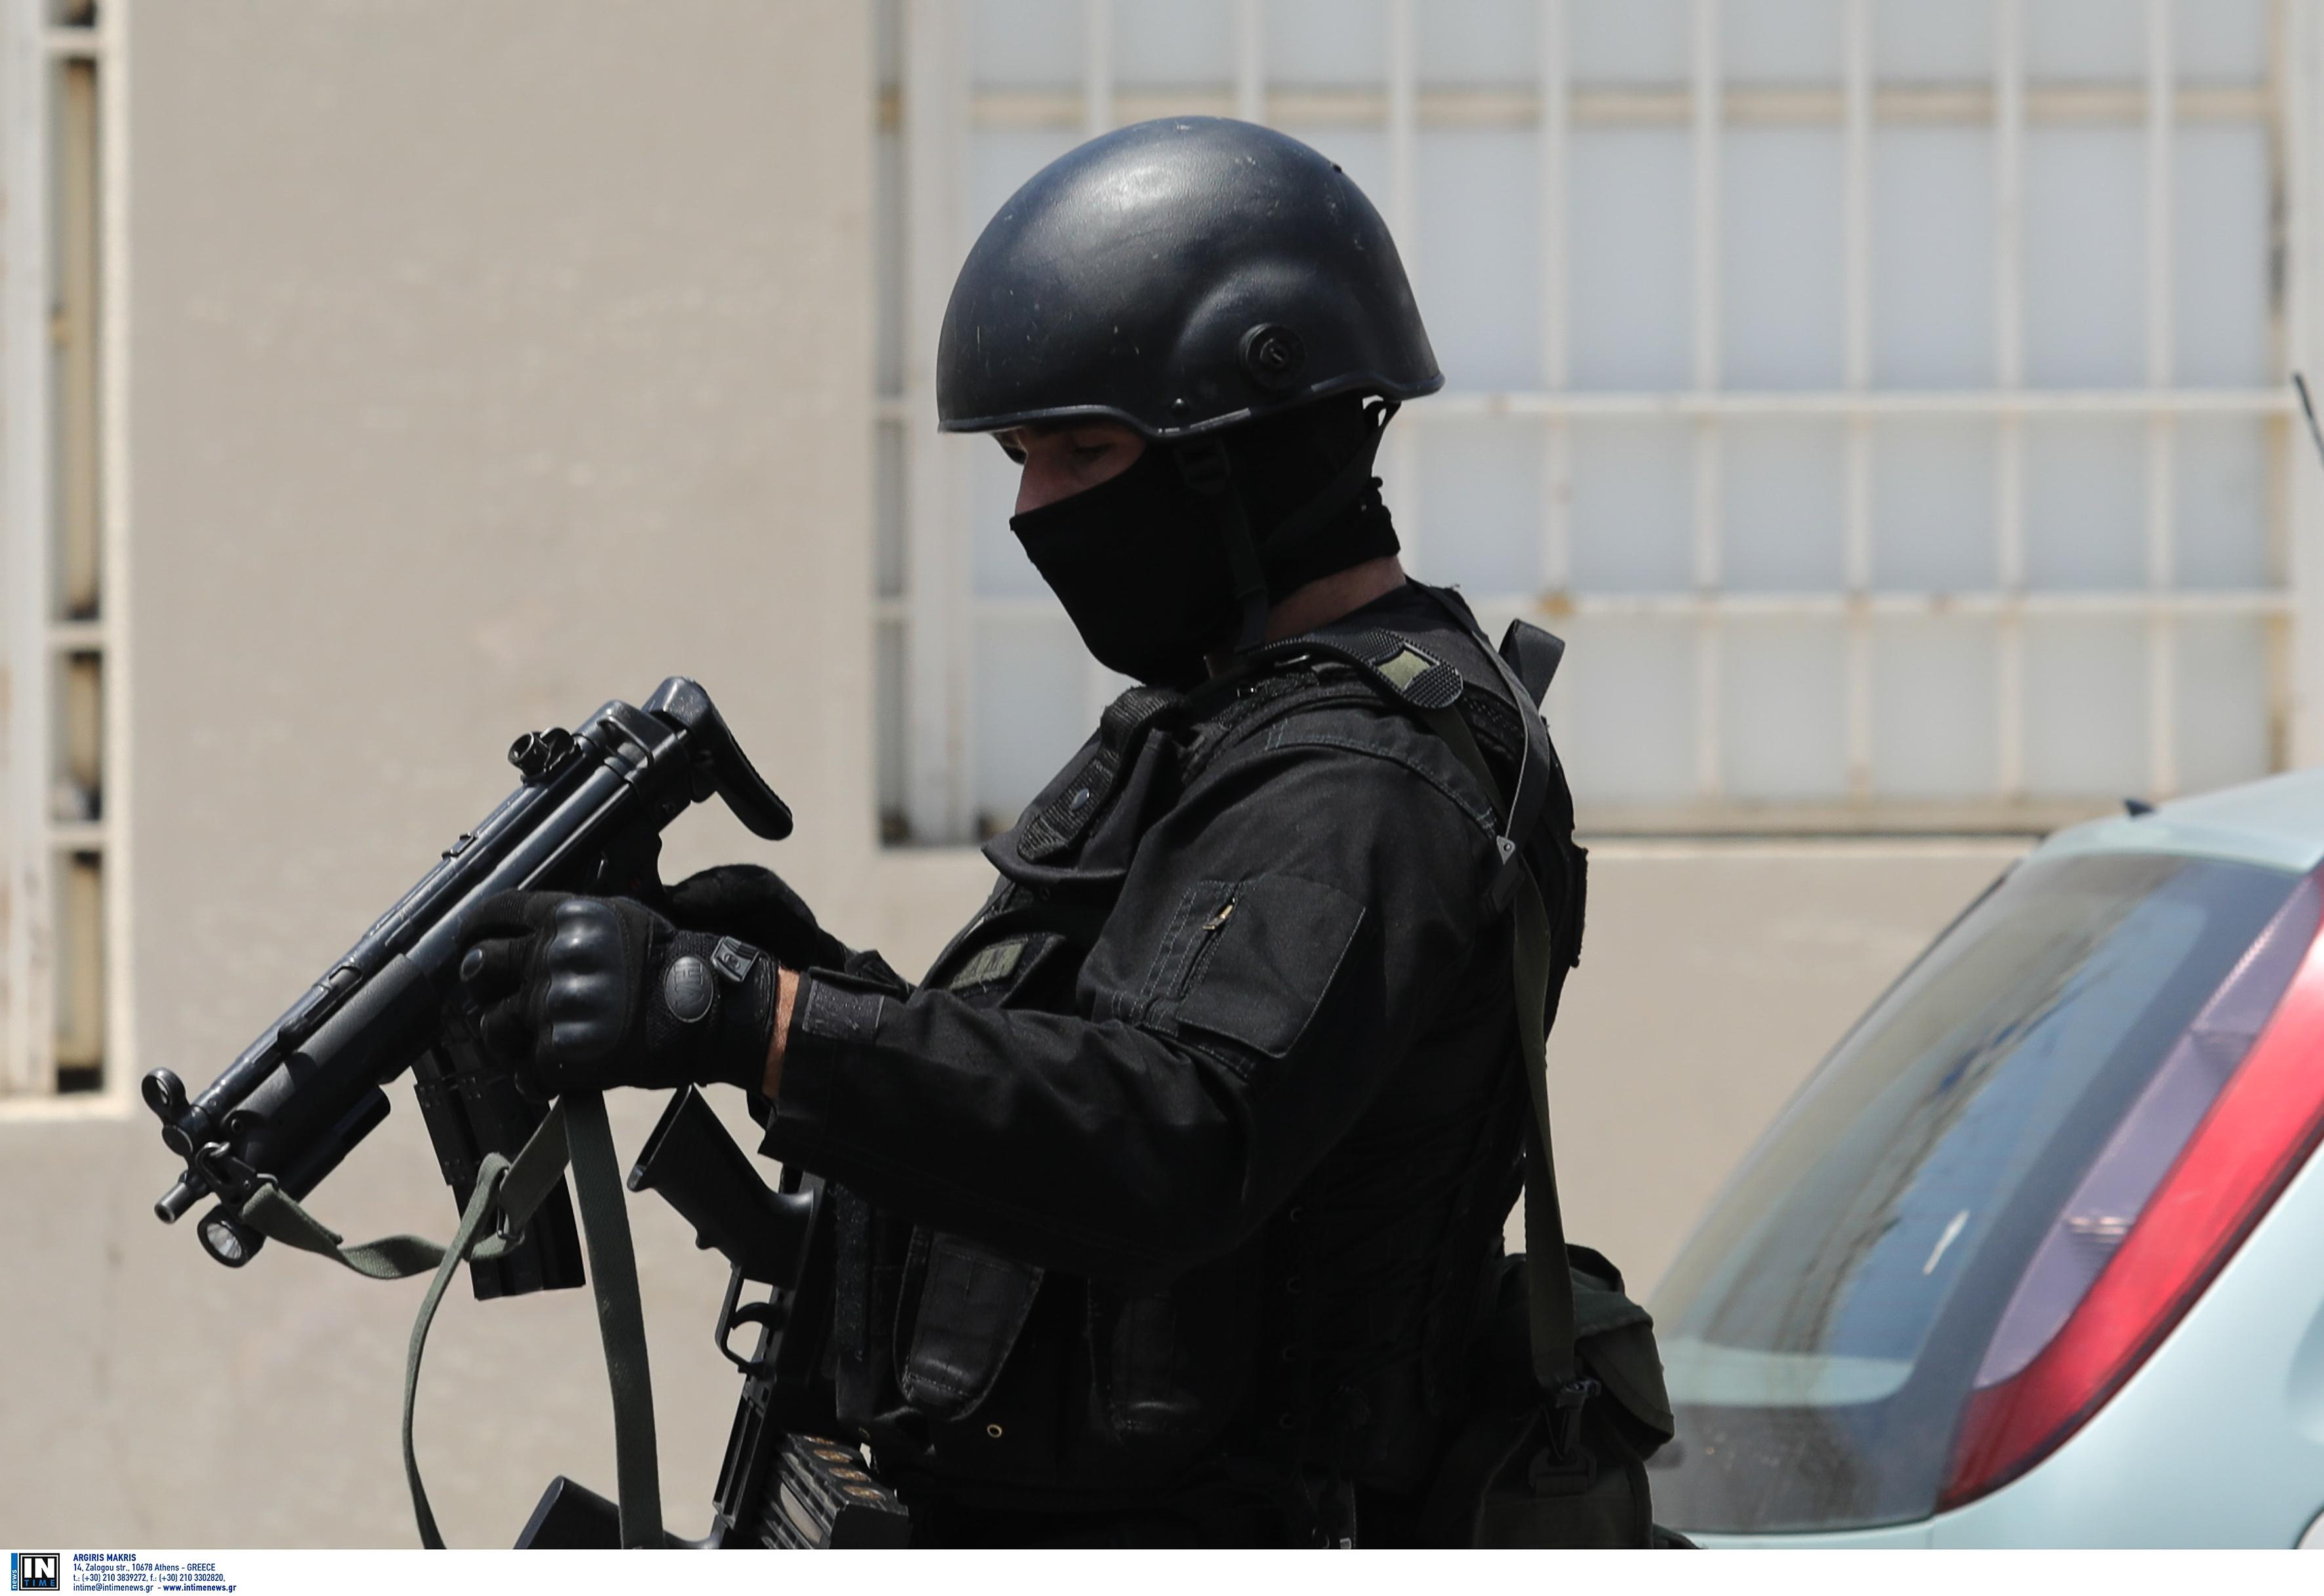 Η αποφυλάκιση Κορκονέα φέρνει «συναγερμό» στην Κατεχάκη! Έκτακτη σύσκεψη – Φόβοι ακόμα για ένοπλες επιθέσεις κατά αστυνομικών